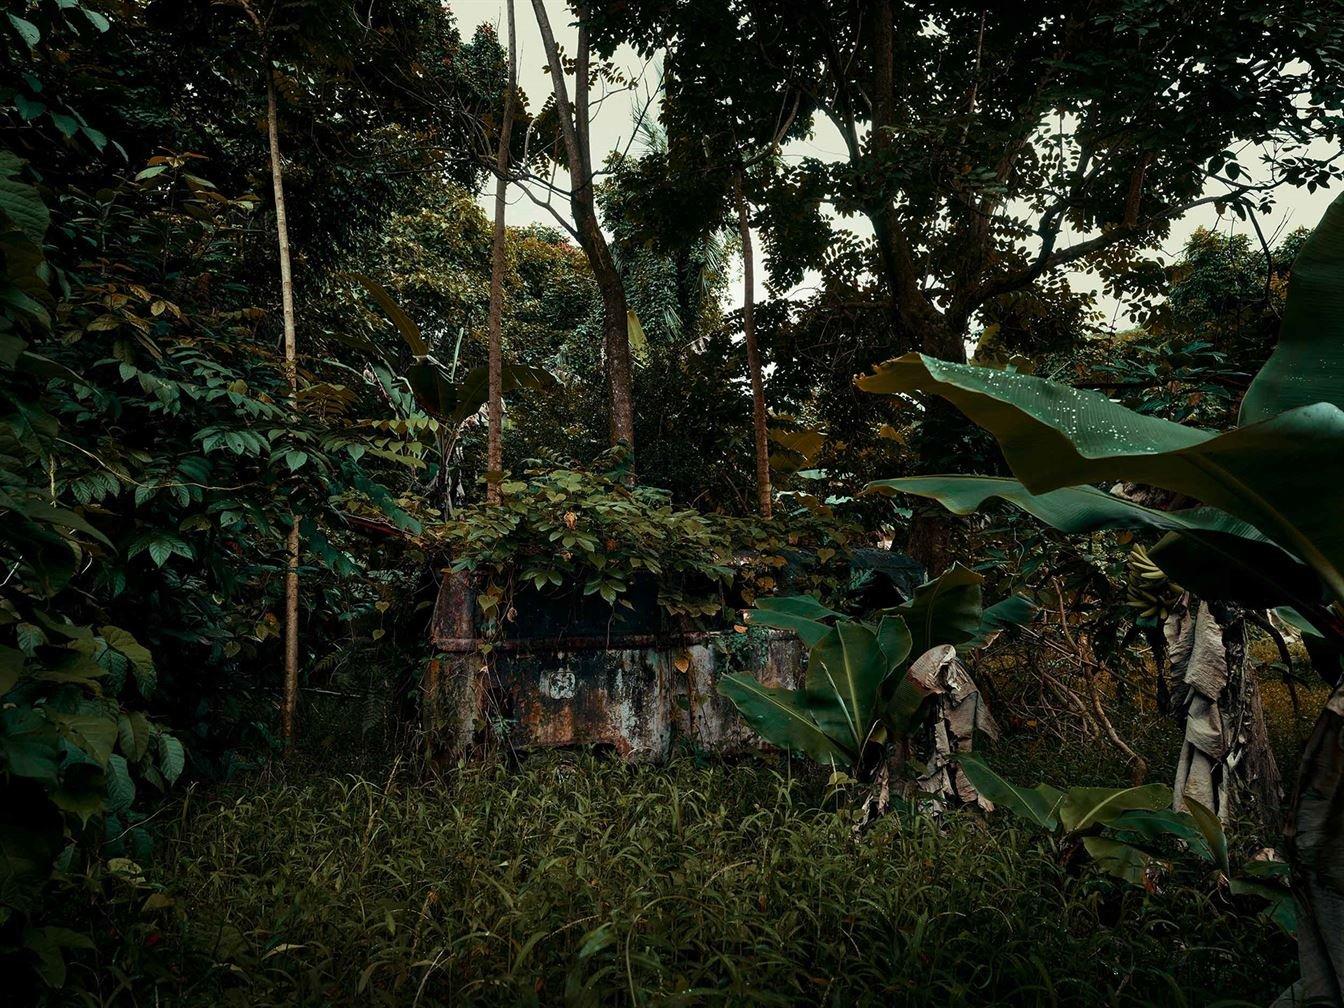 Заброшенные автомобили в густых гавайских лесах